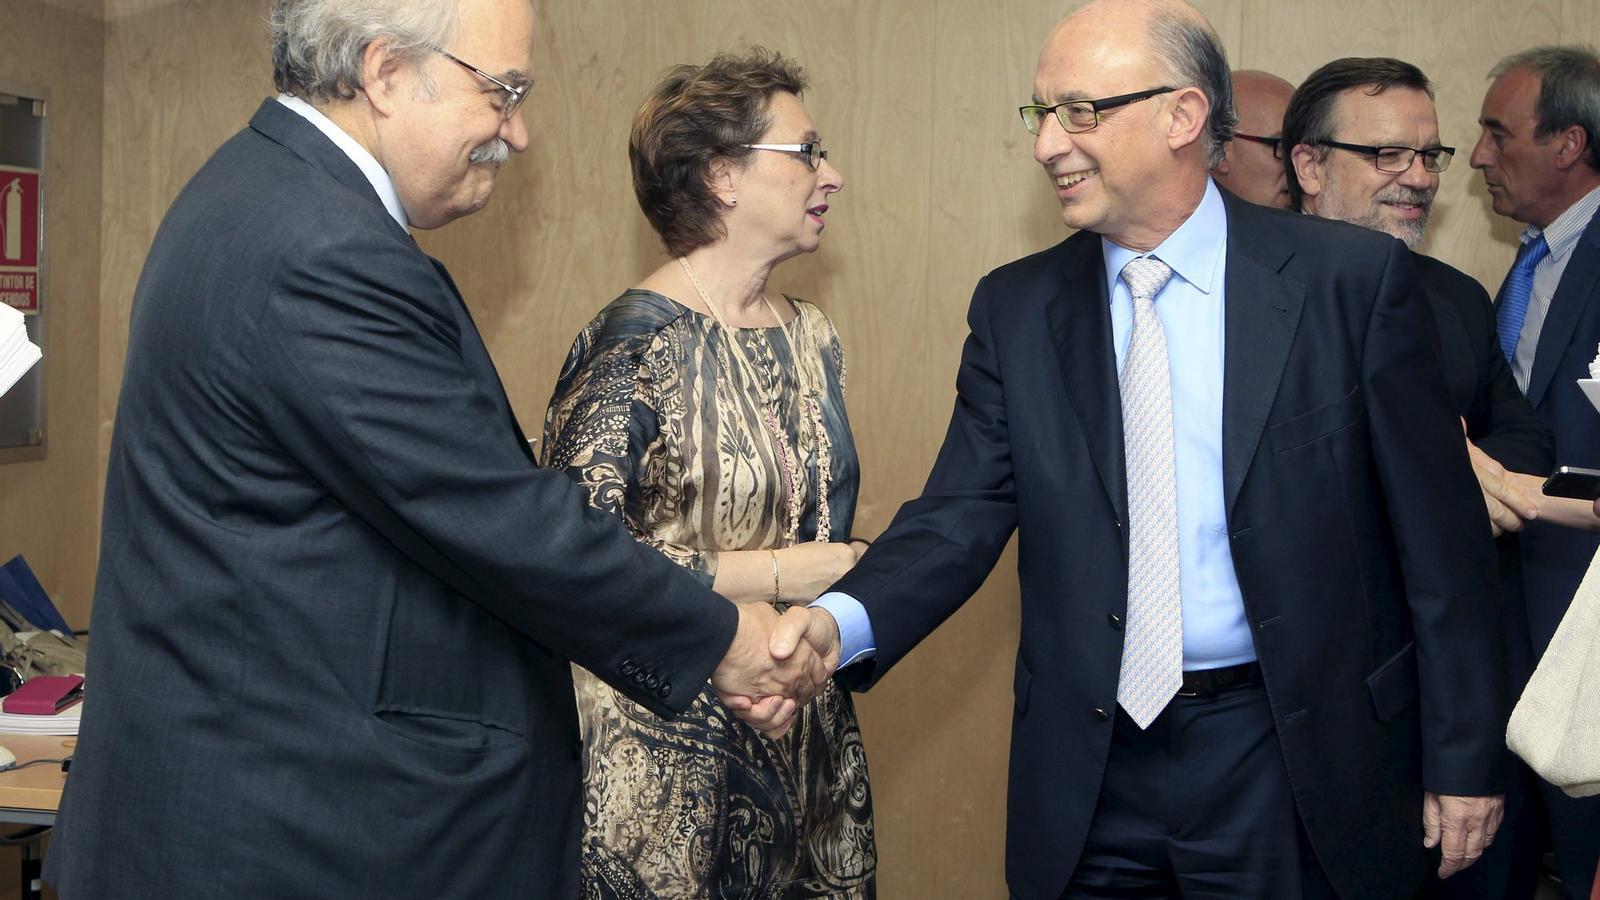 DEL SOMRIURE A LA DECEPCIÓ  El conseller Mas-Colell i el ministre Montoro ahir abans de l'inici del Consell de Política Fiscal.